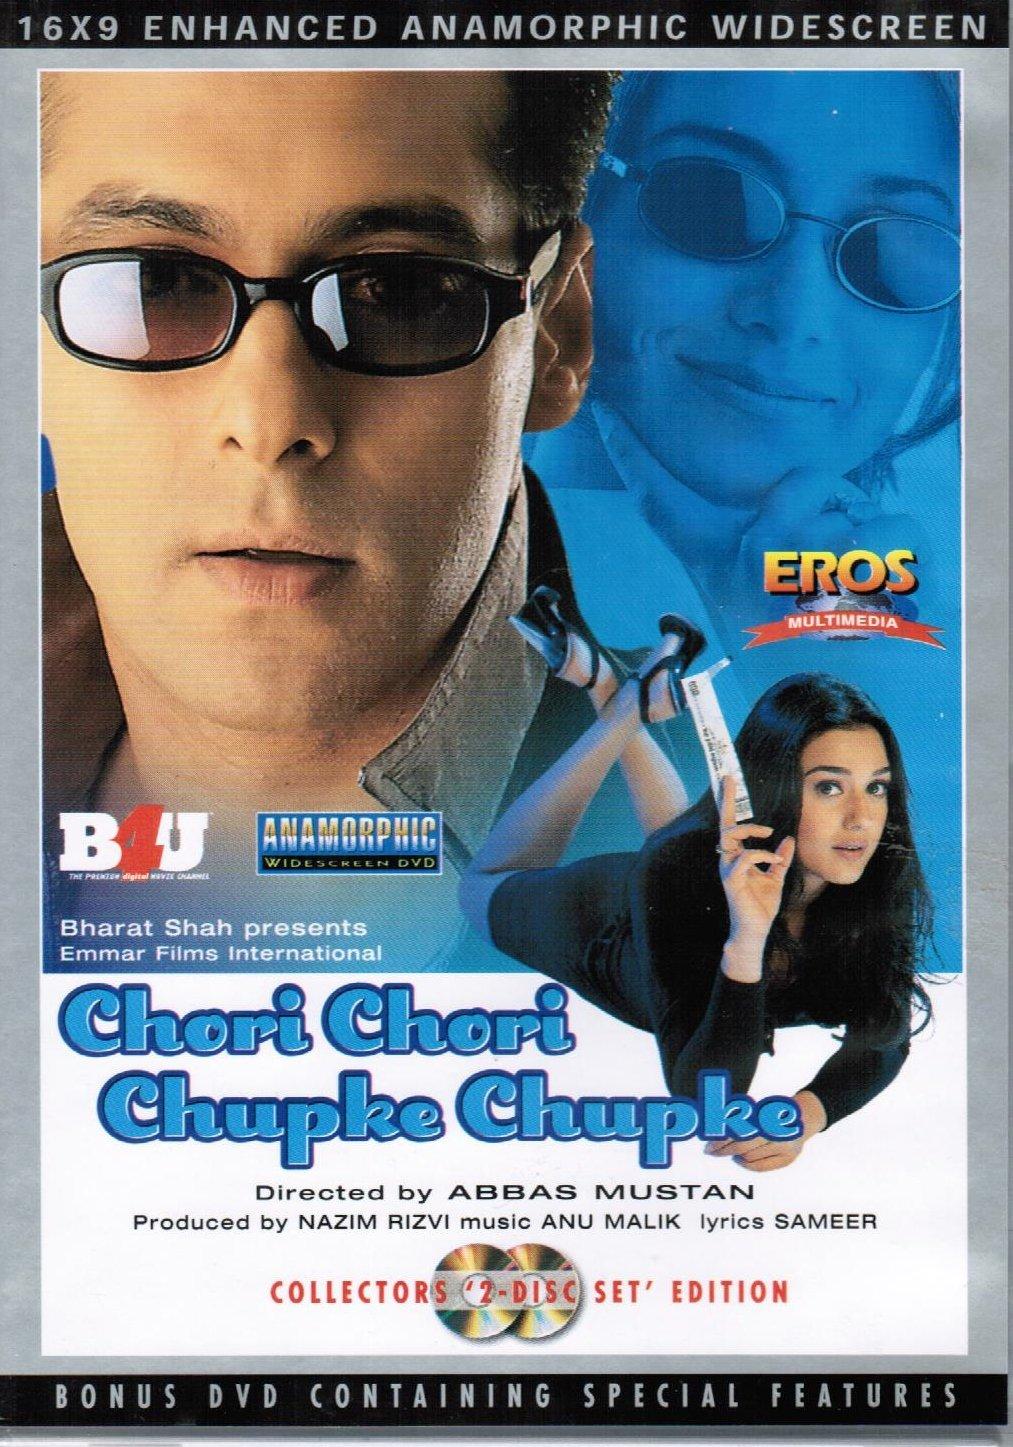 Amazon com: Chori Chori Chupke Chupke (2 Disc Dvd Set, New